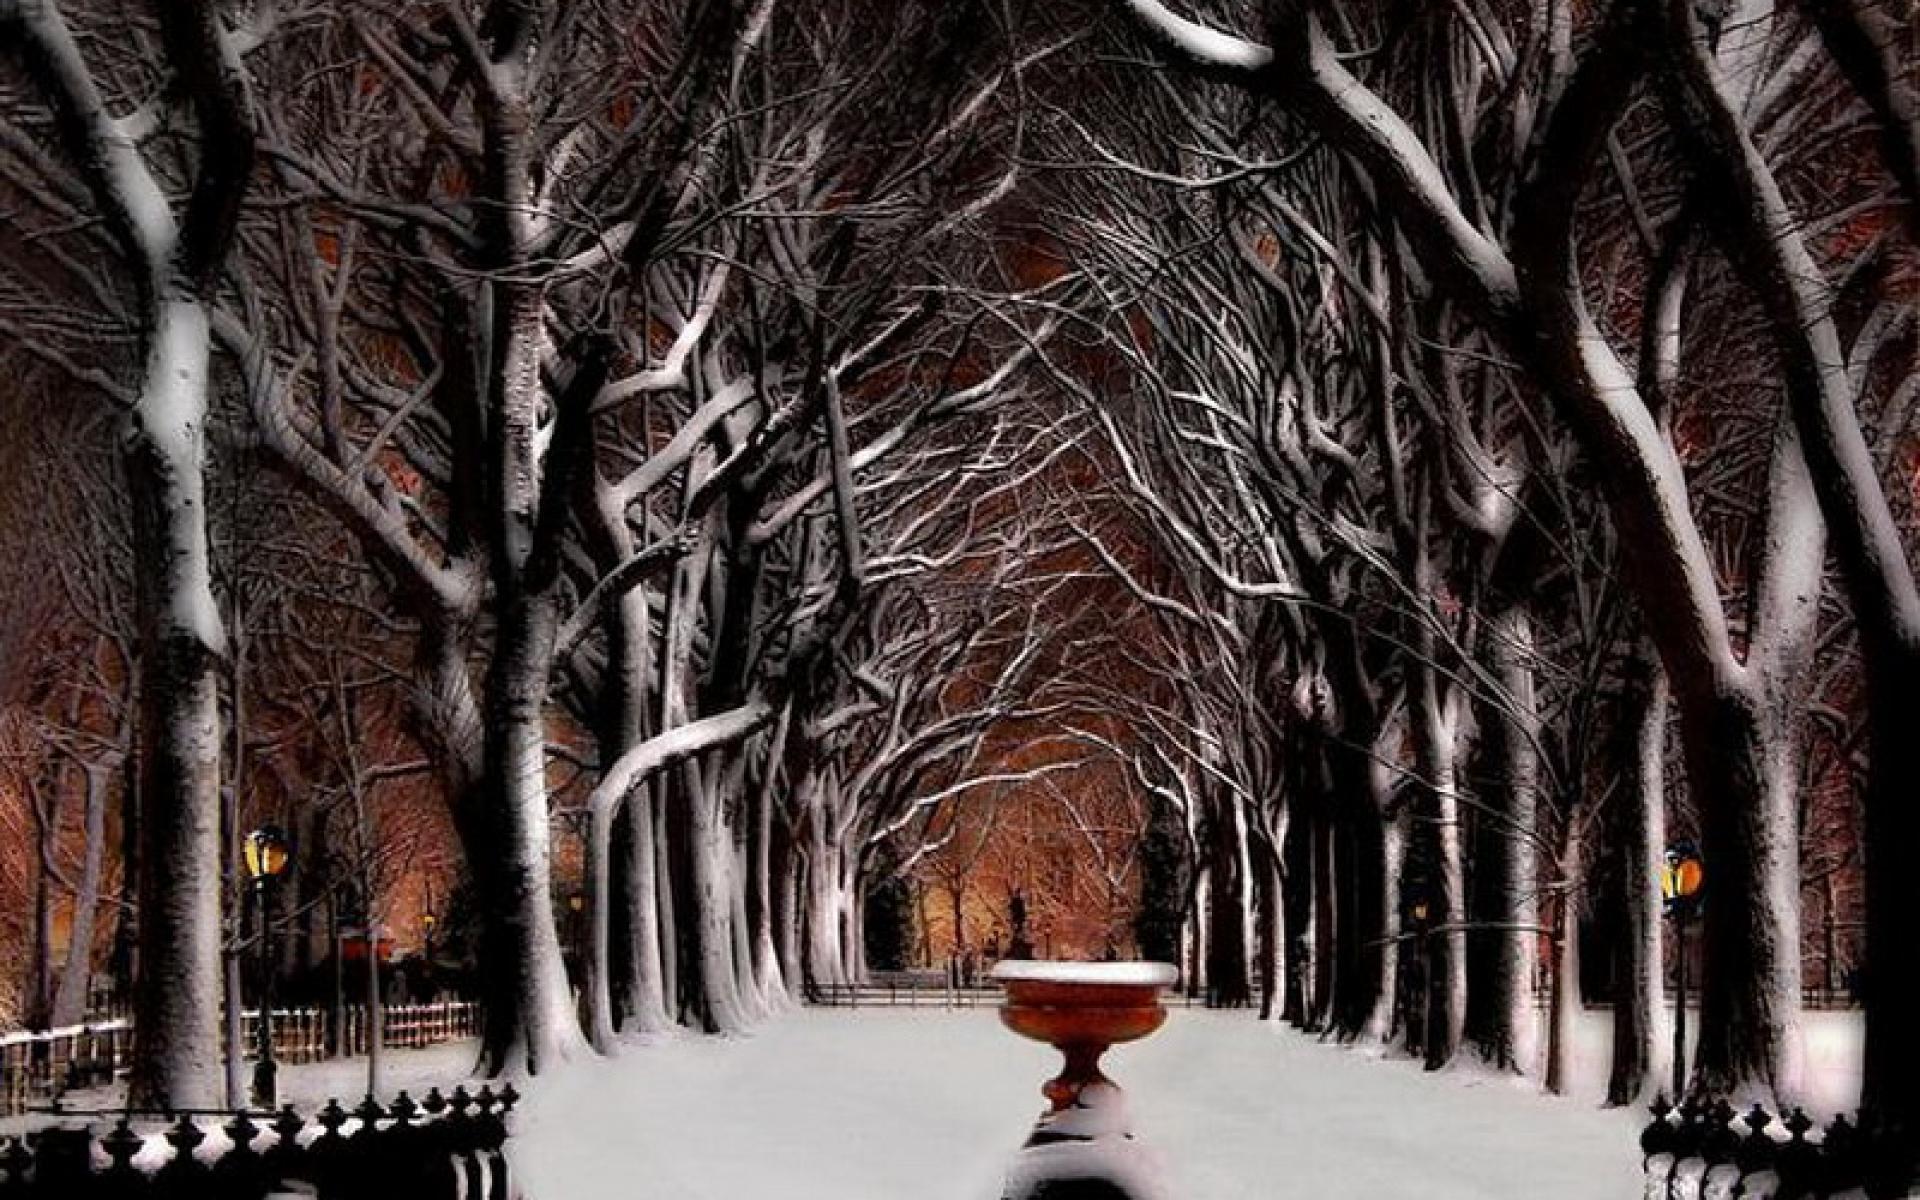 New York City Winter Wallpaper - WallpaperSafari